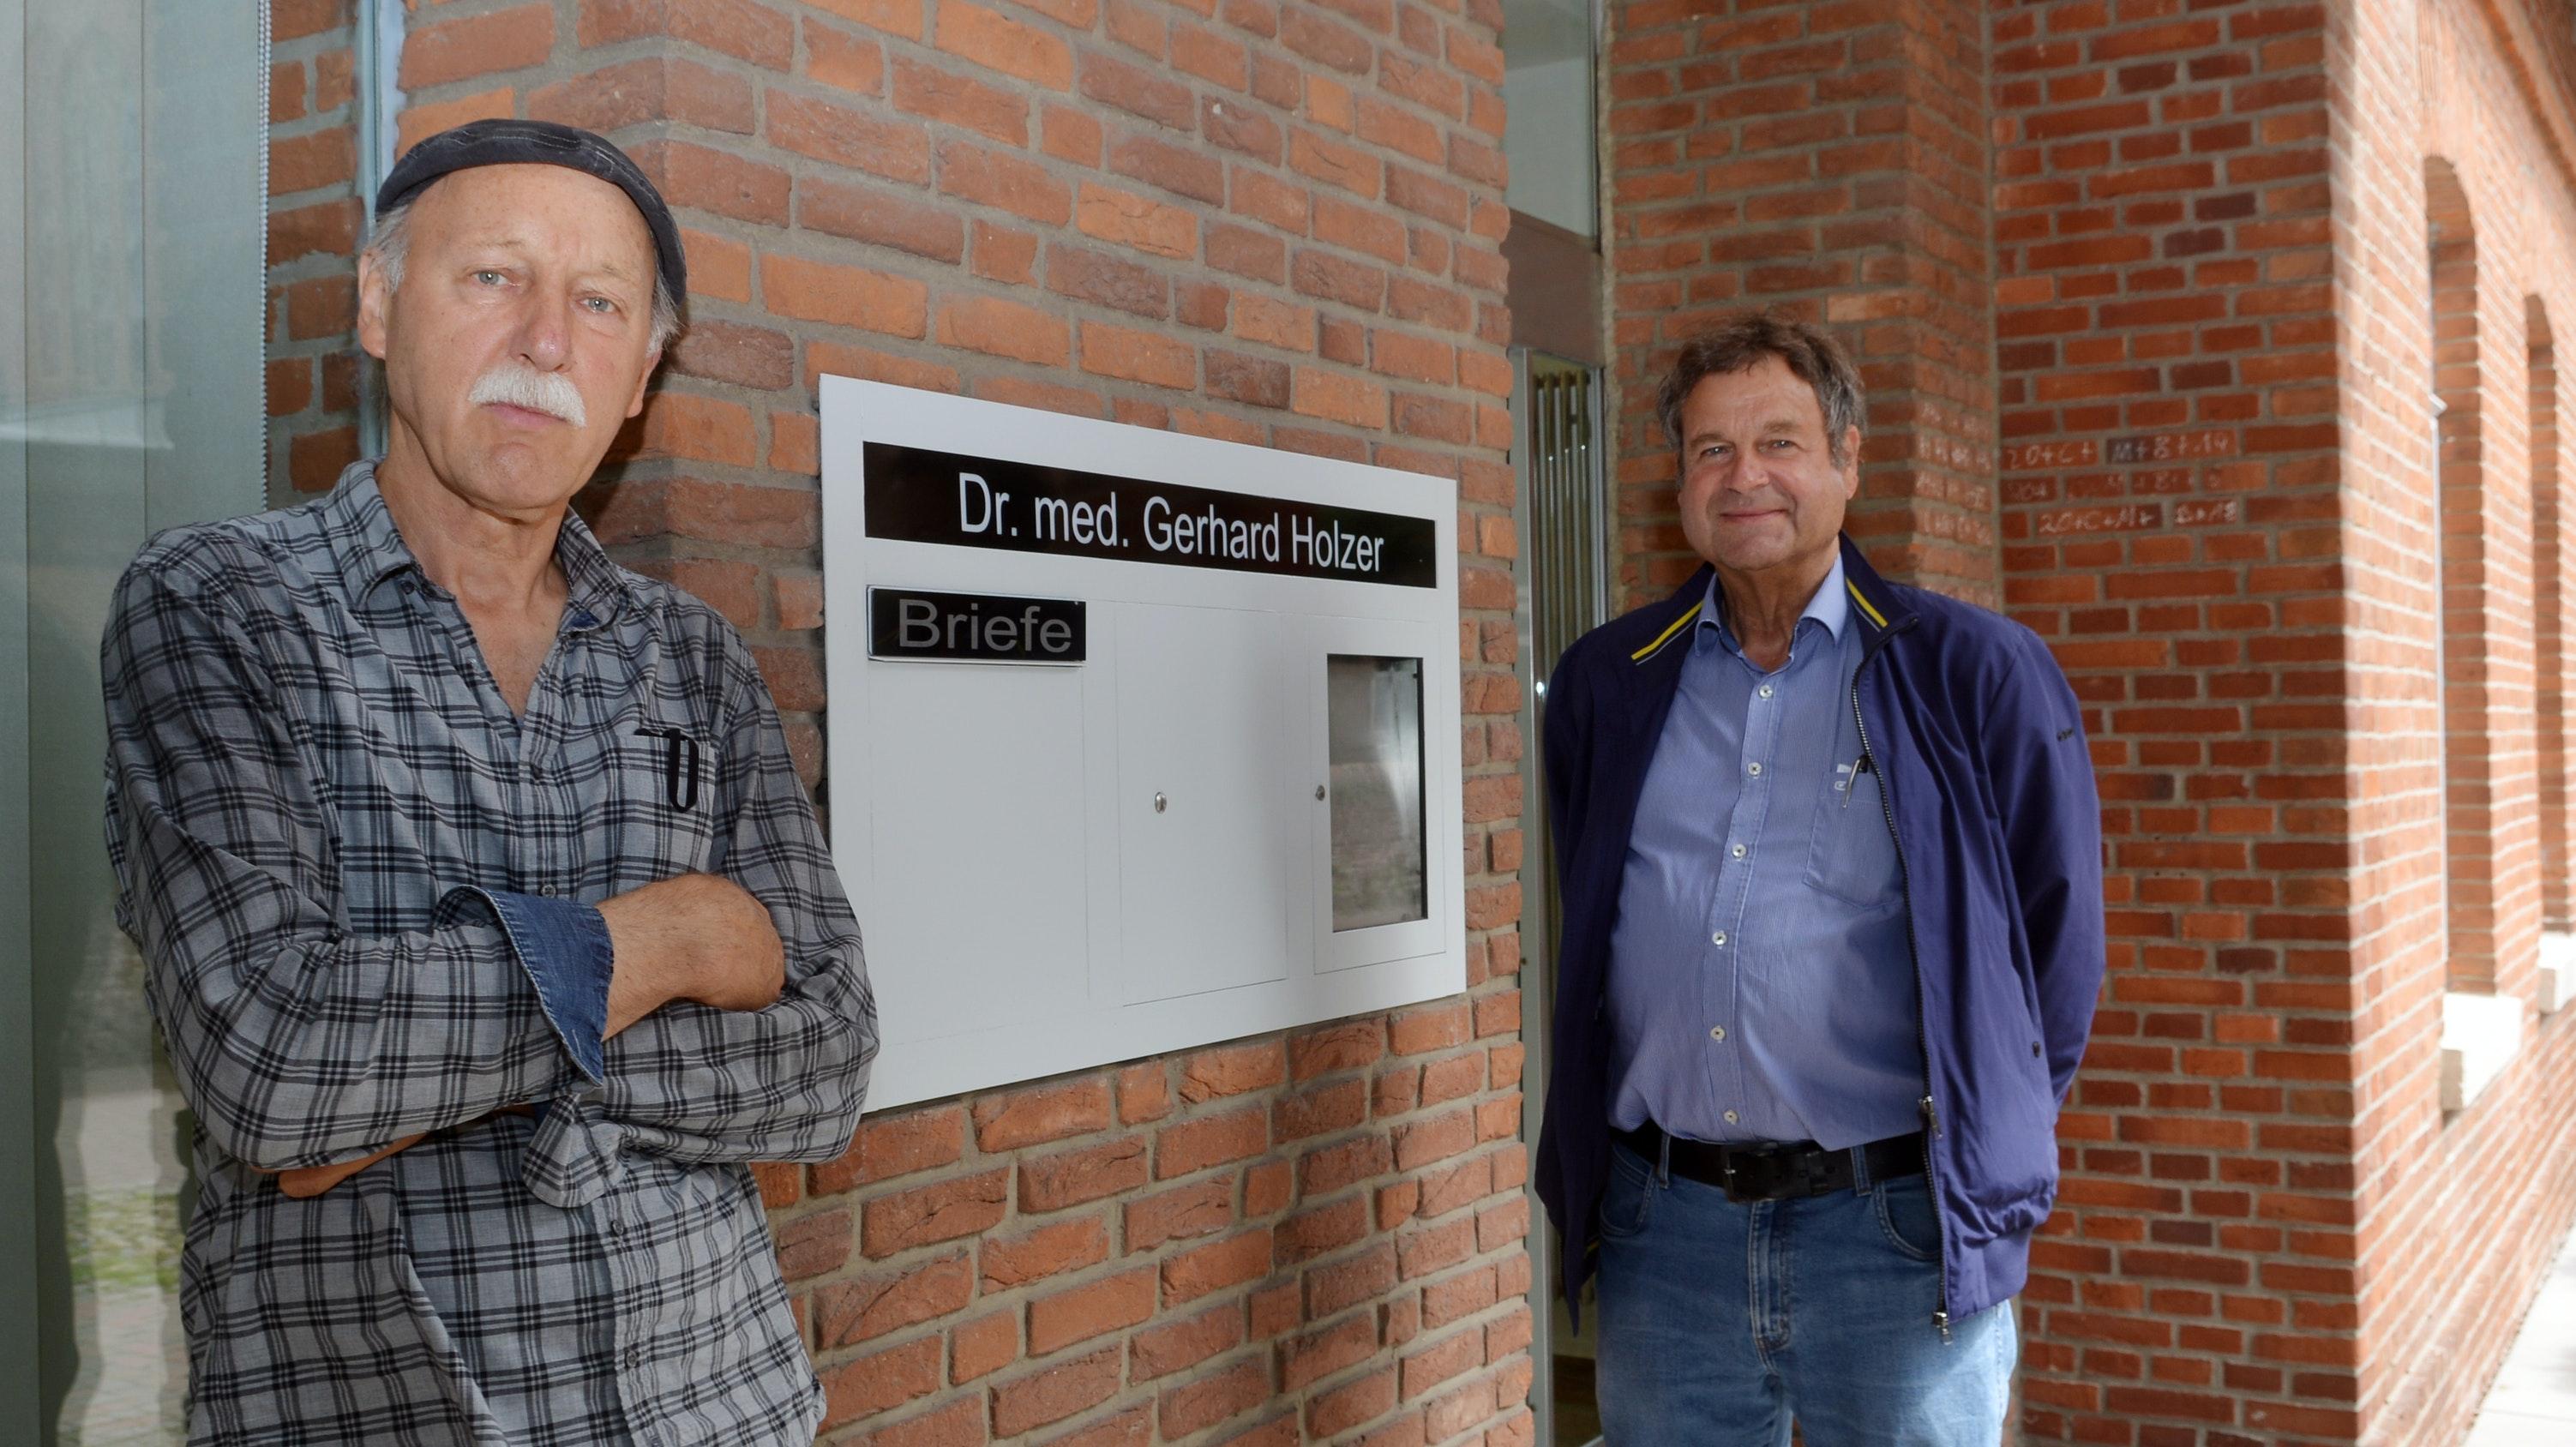 Neues Domizil: Dr. Gerhard Holzer (rechts)richtet seine neuen Behandlungsräume, die auf Dauer Gemeinschaftspraxis werden sollen, in der Kirchstraße im Haus von Hermann Möhlenkamp ein. Foto: W. Siemer